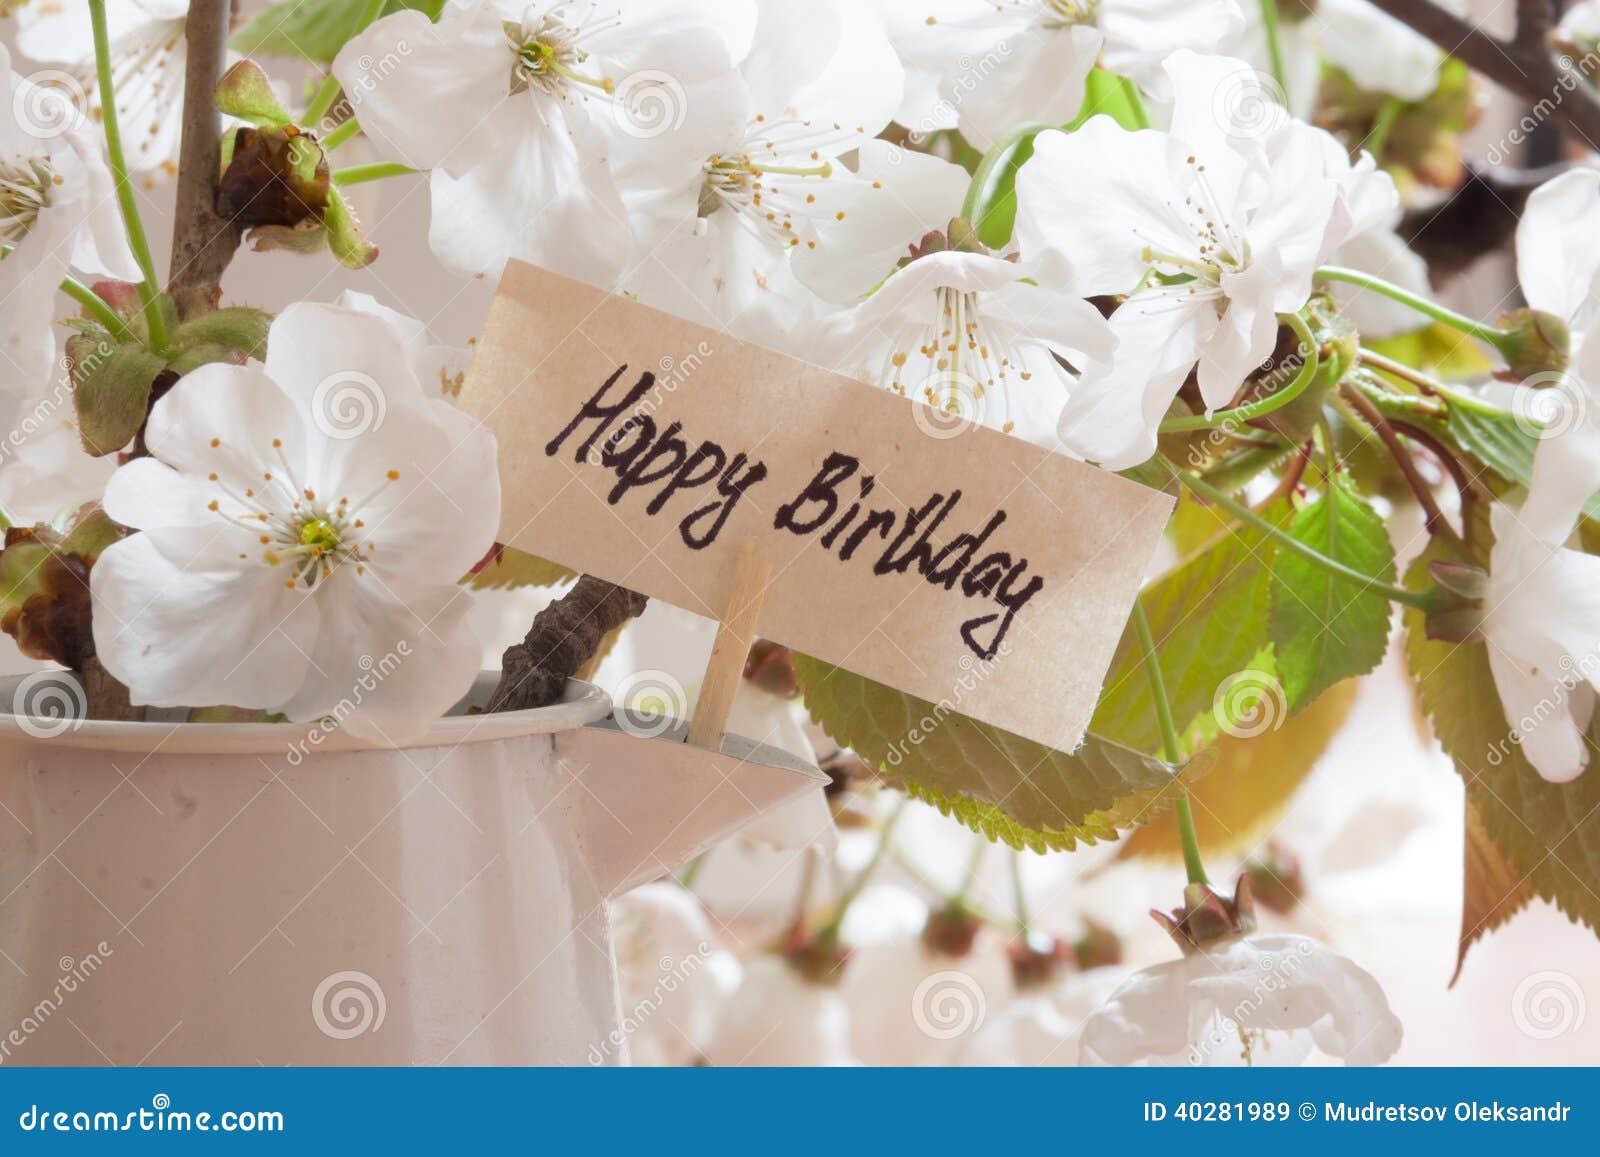 Happy Birthday Stock Photo Image 40281989